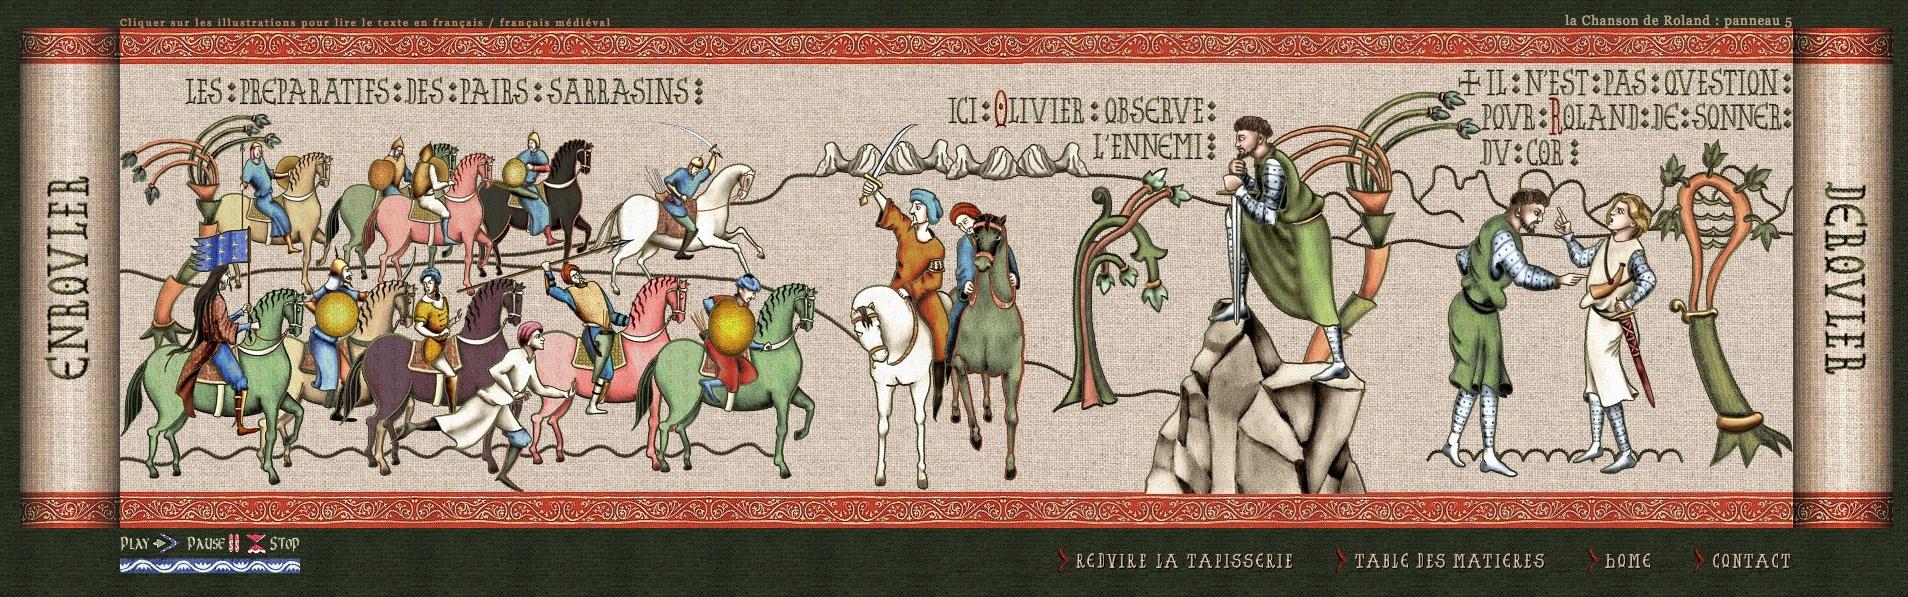 La tapisserie de la chanson de roland blog histoire g o - Peut on repeindre sur de la tapisserie ...